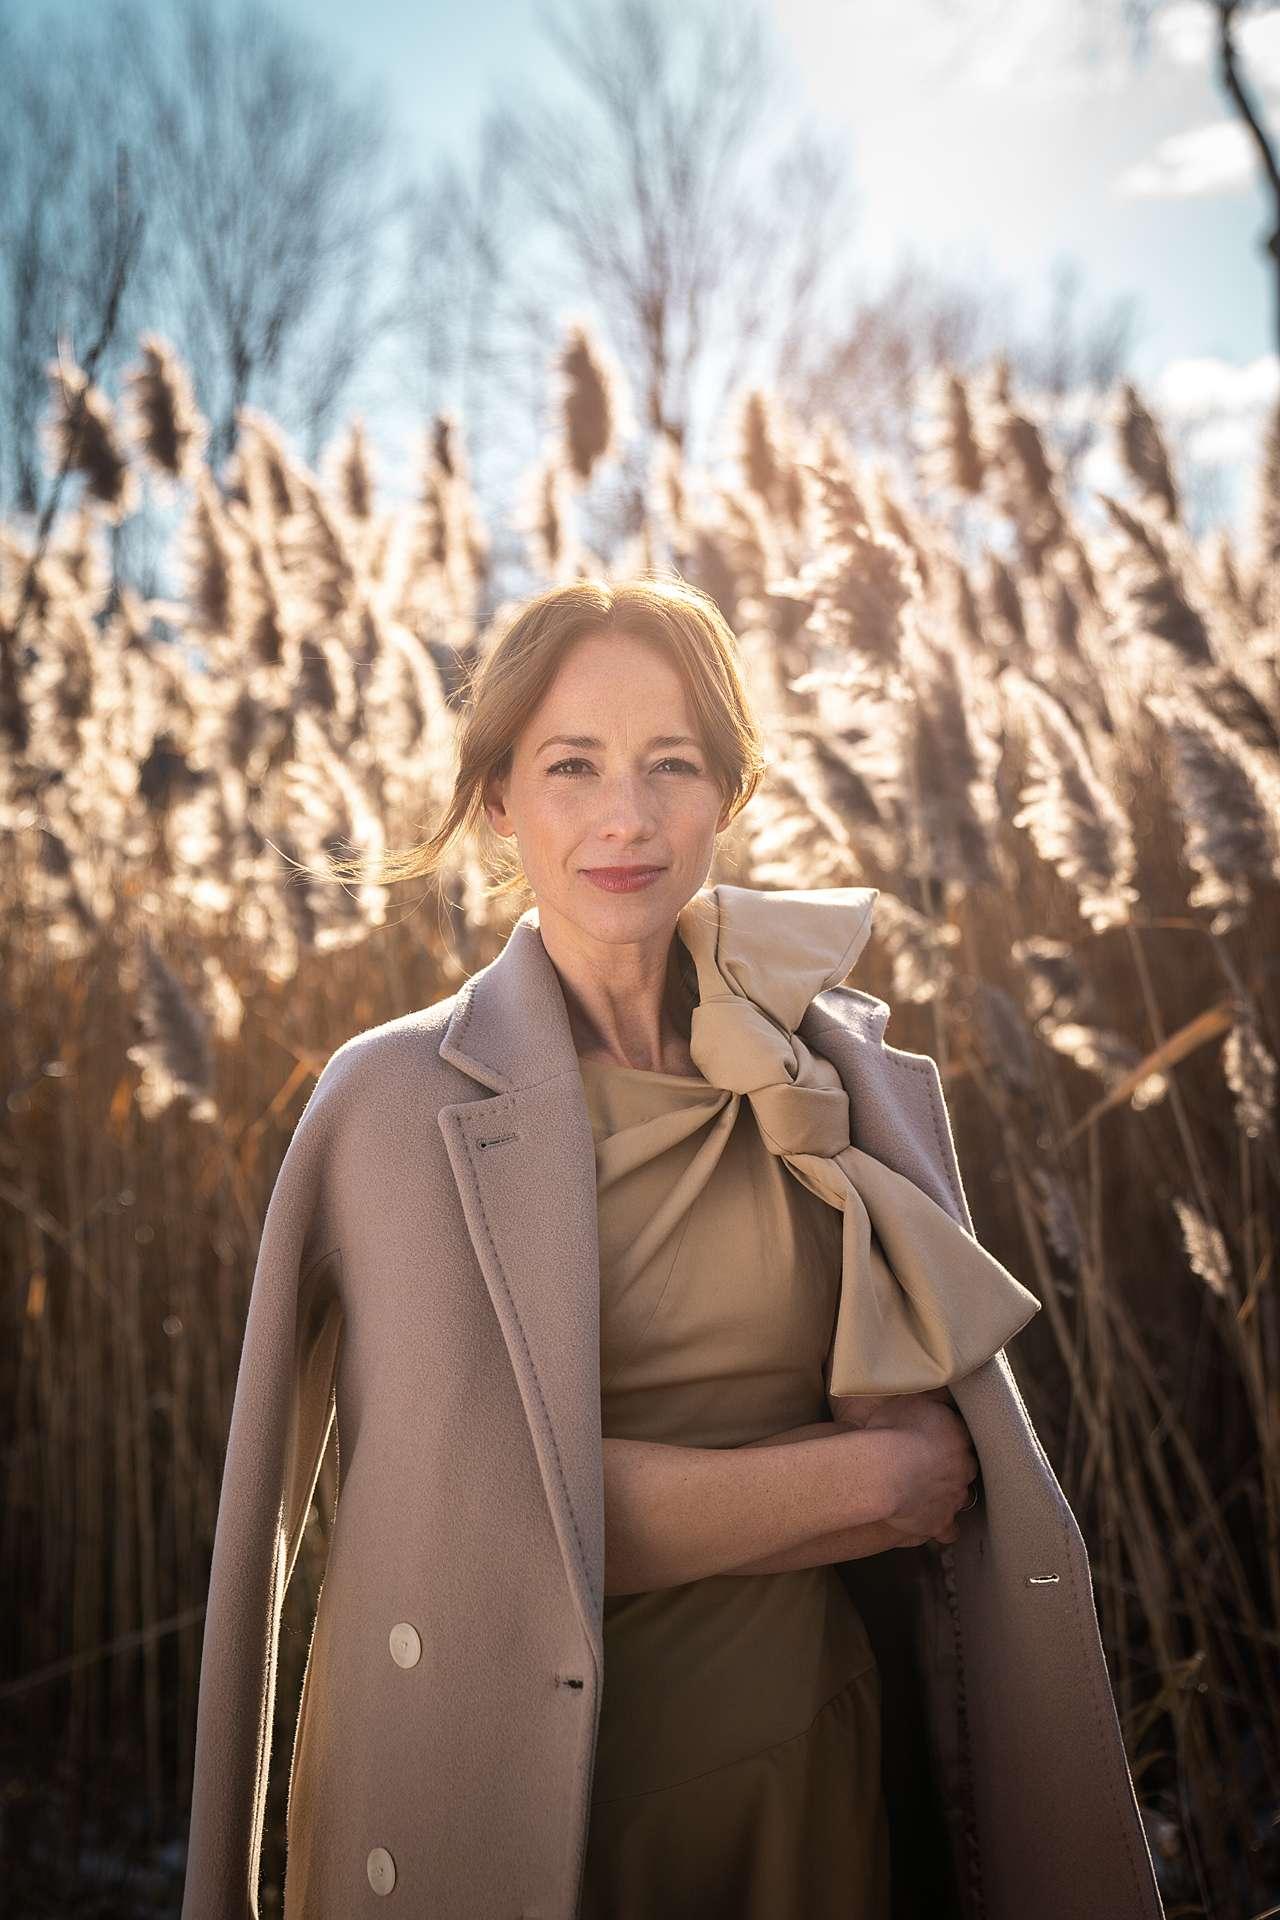 Karine Vanasse pour pub nissan rogue par Bruno florin